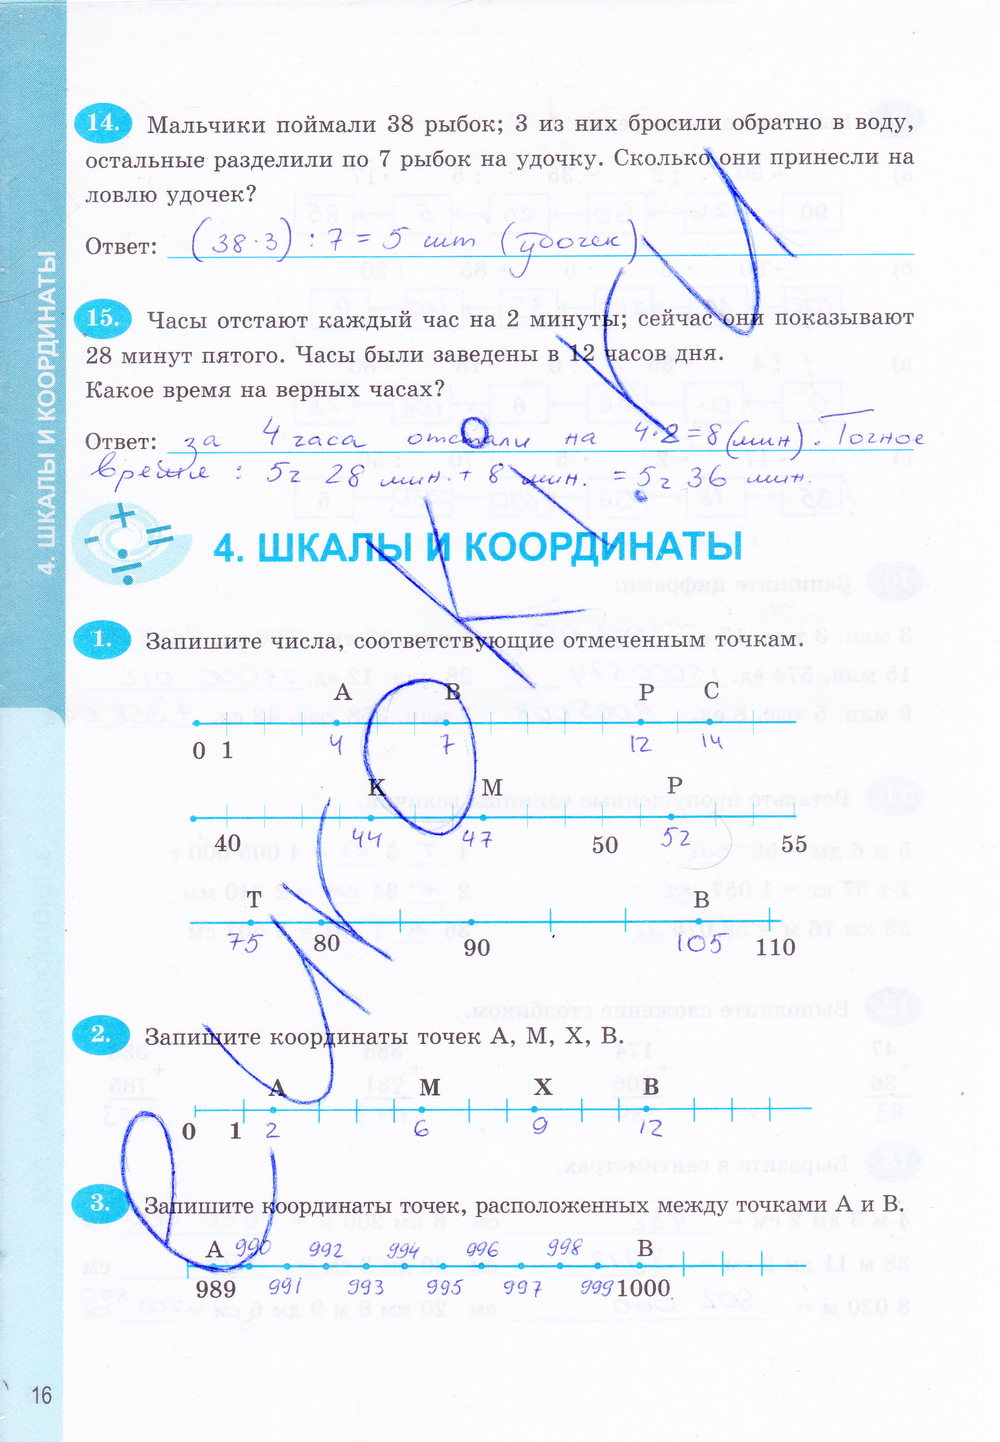 Гдз рабочая тетрадь по математике 6 класс ерина без скачивания и регистрации